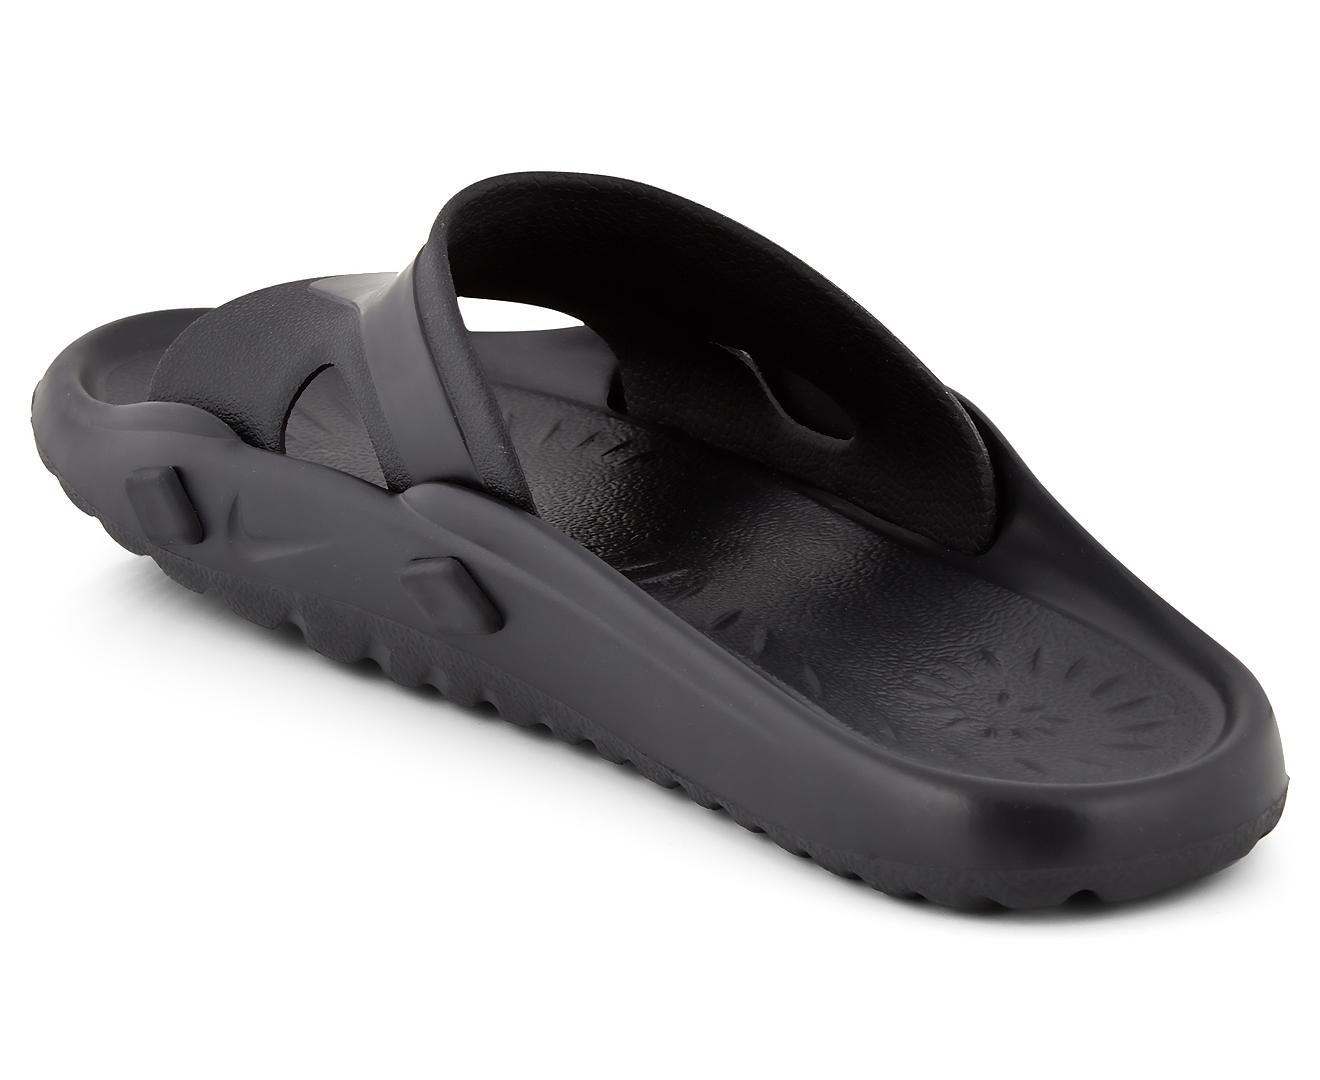 brand new 8de61 d081b Nike Men's Getasandal Slide - Black/White